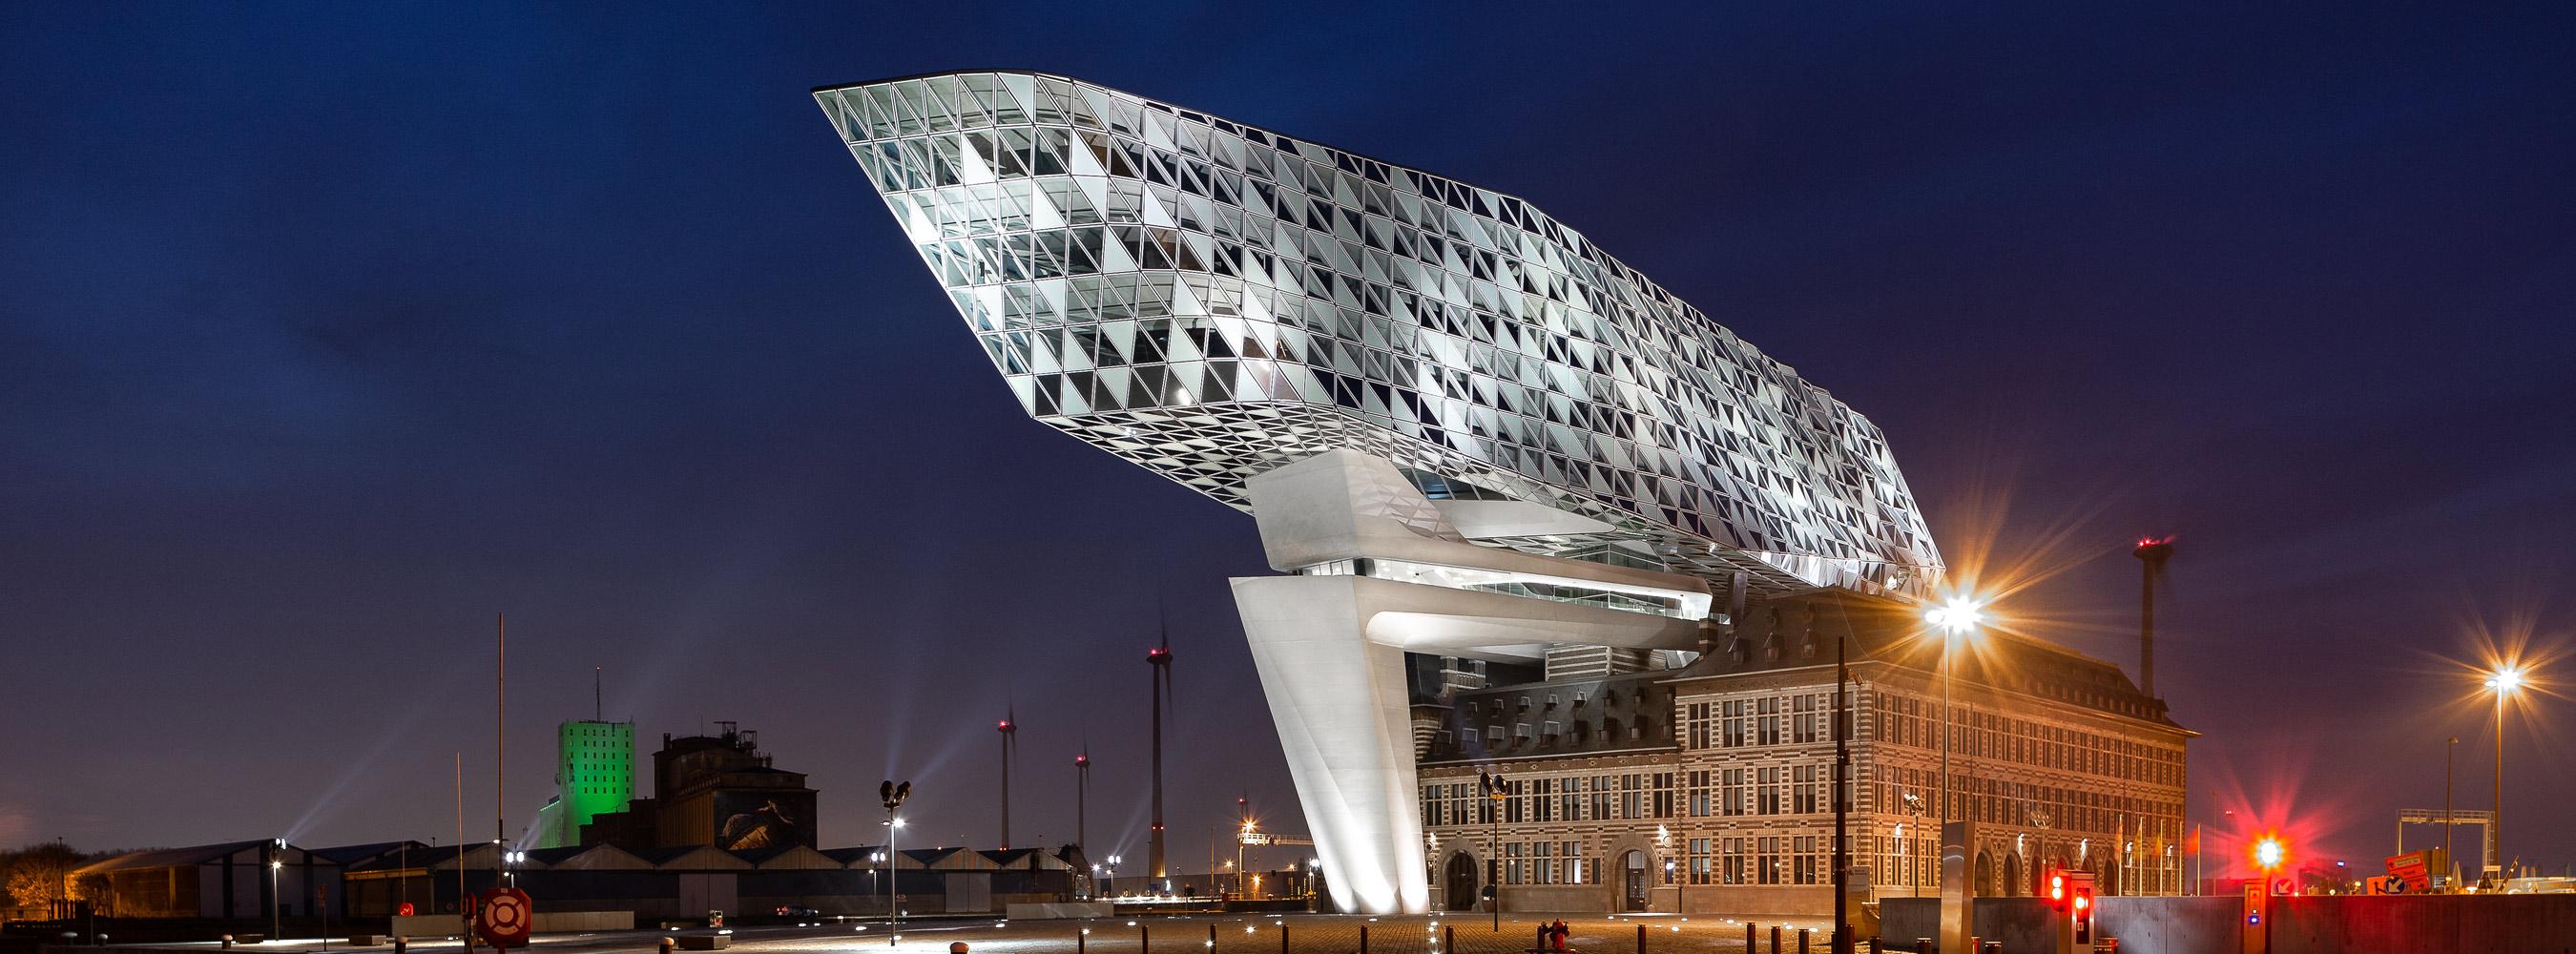 Antwerpen Port House